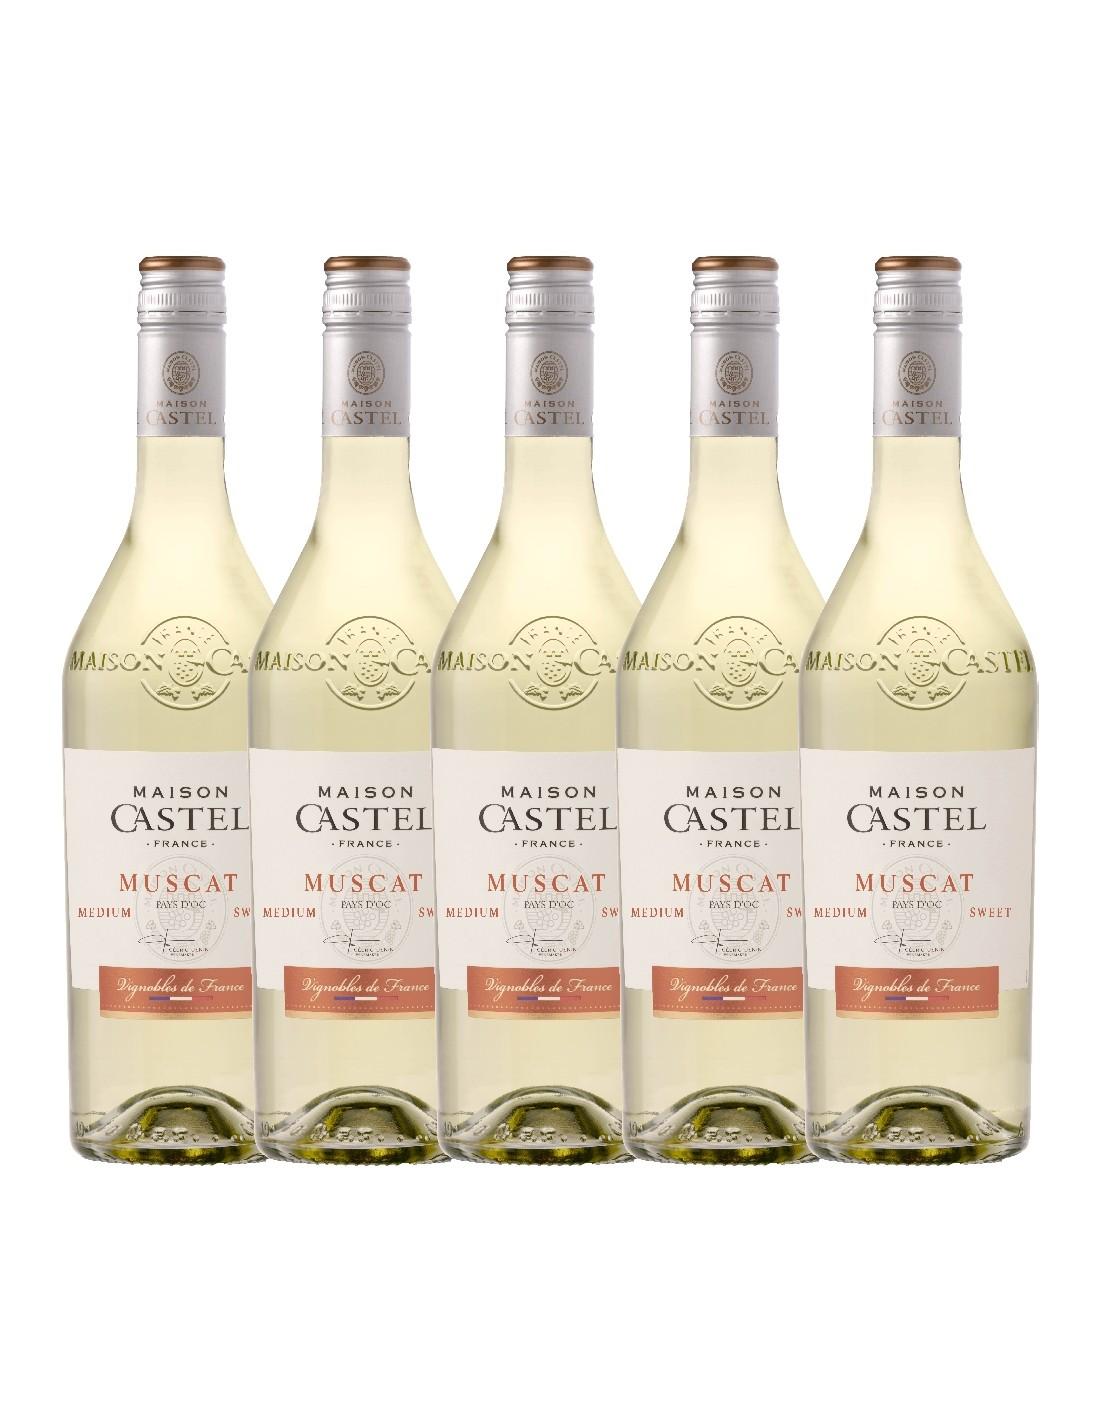 Pachet 5 sticle Vin alb dulce, Muscat, Maison Castel Pays dOc, 0.75L, 12% alc., Franta